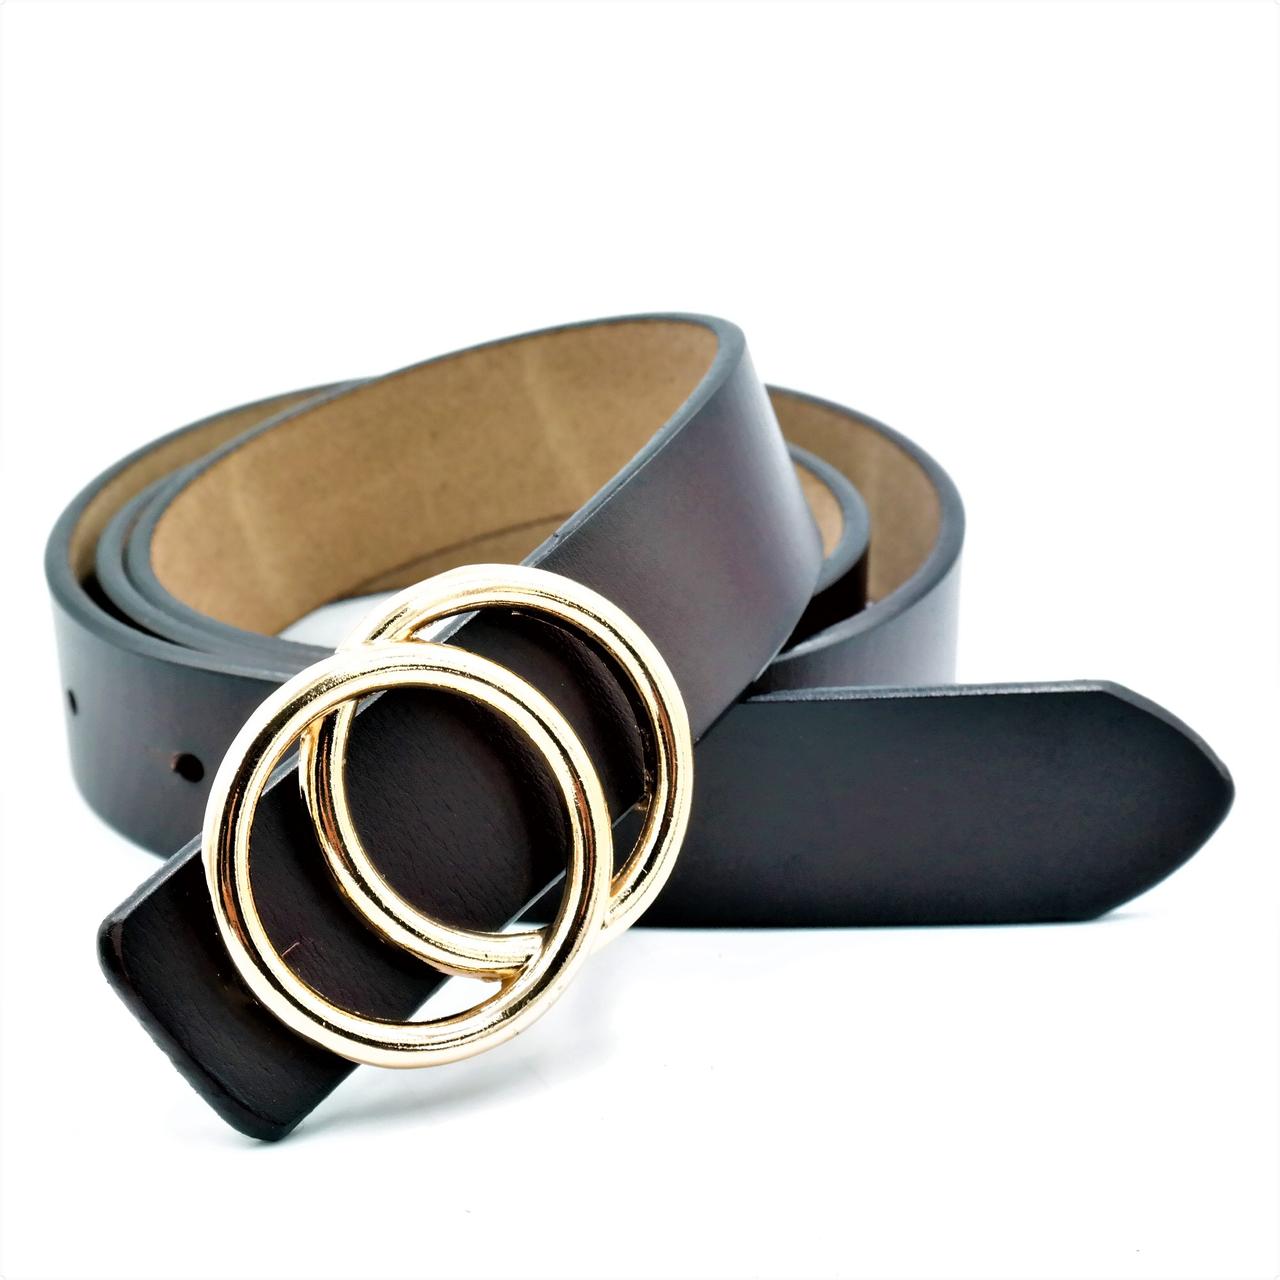 Женский кожаный ремень Le-Mon nwzh-30k-0055 Тёмно-коричневый